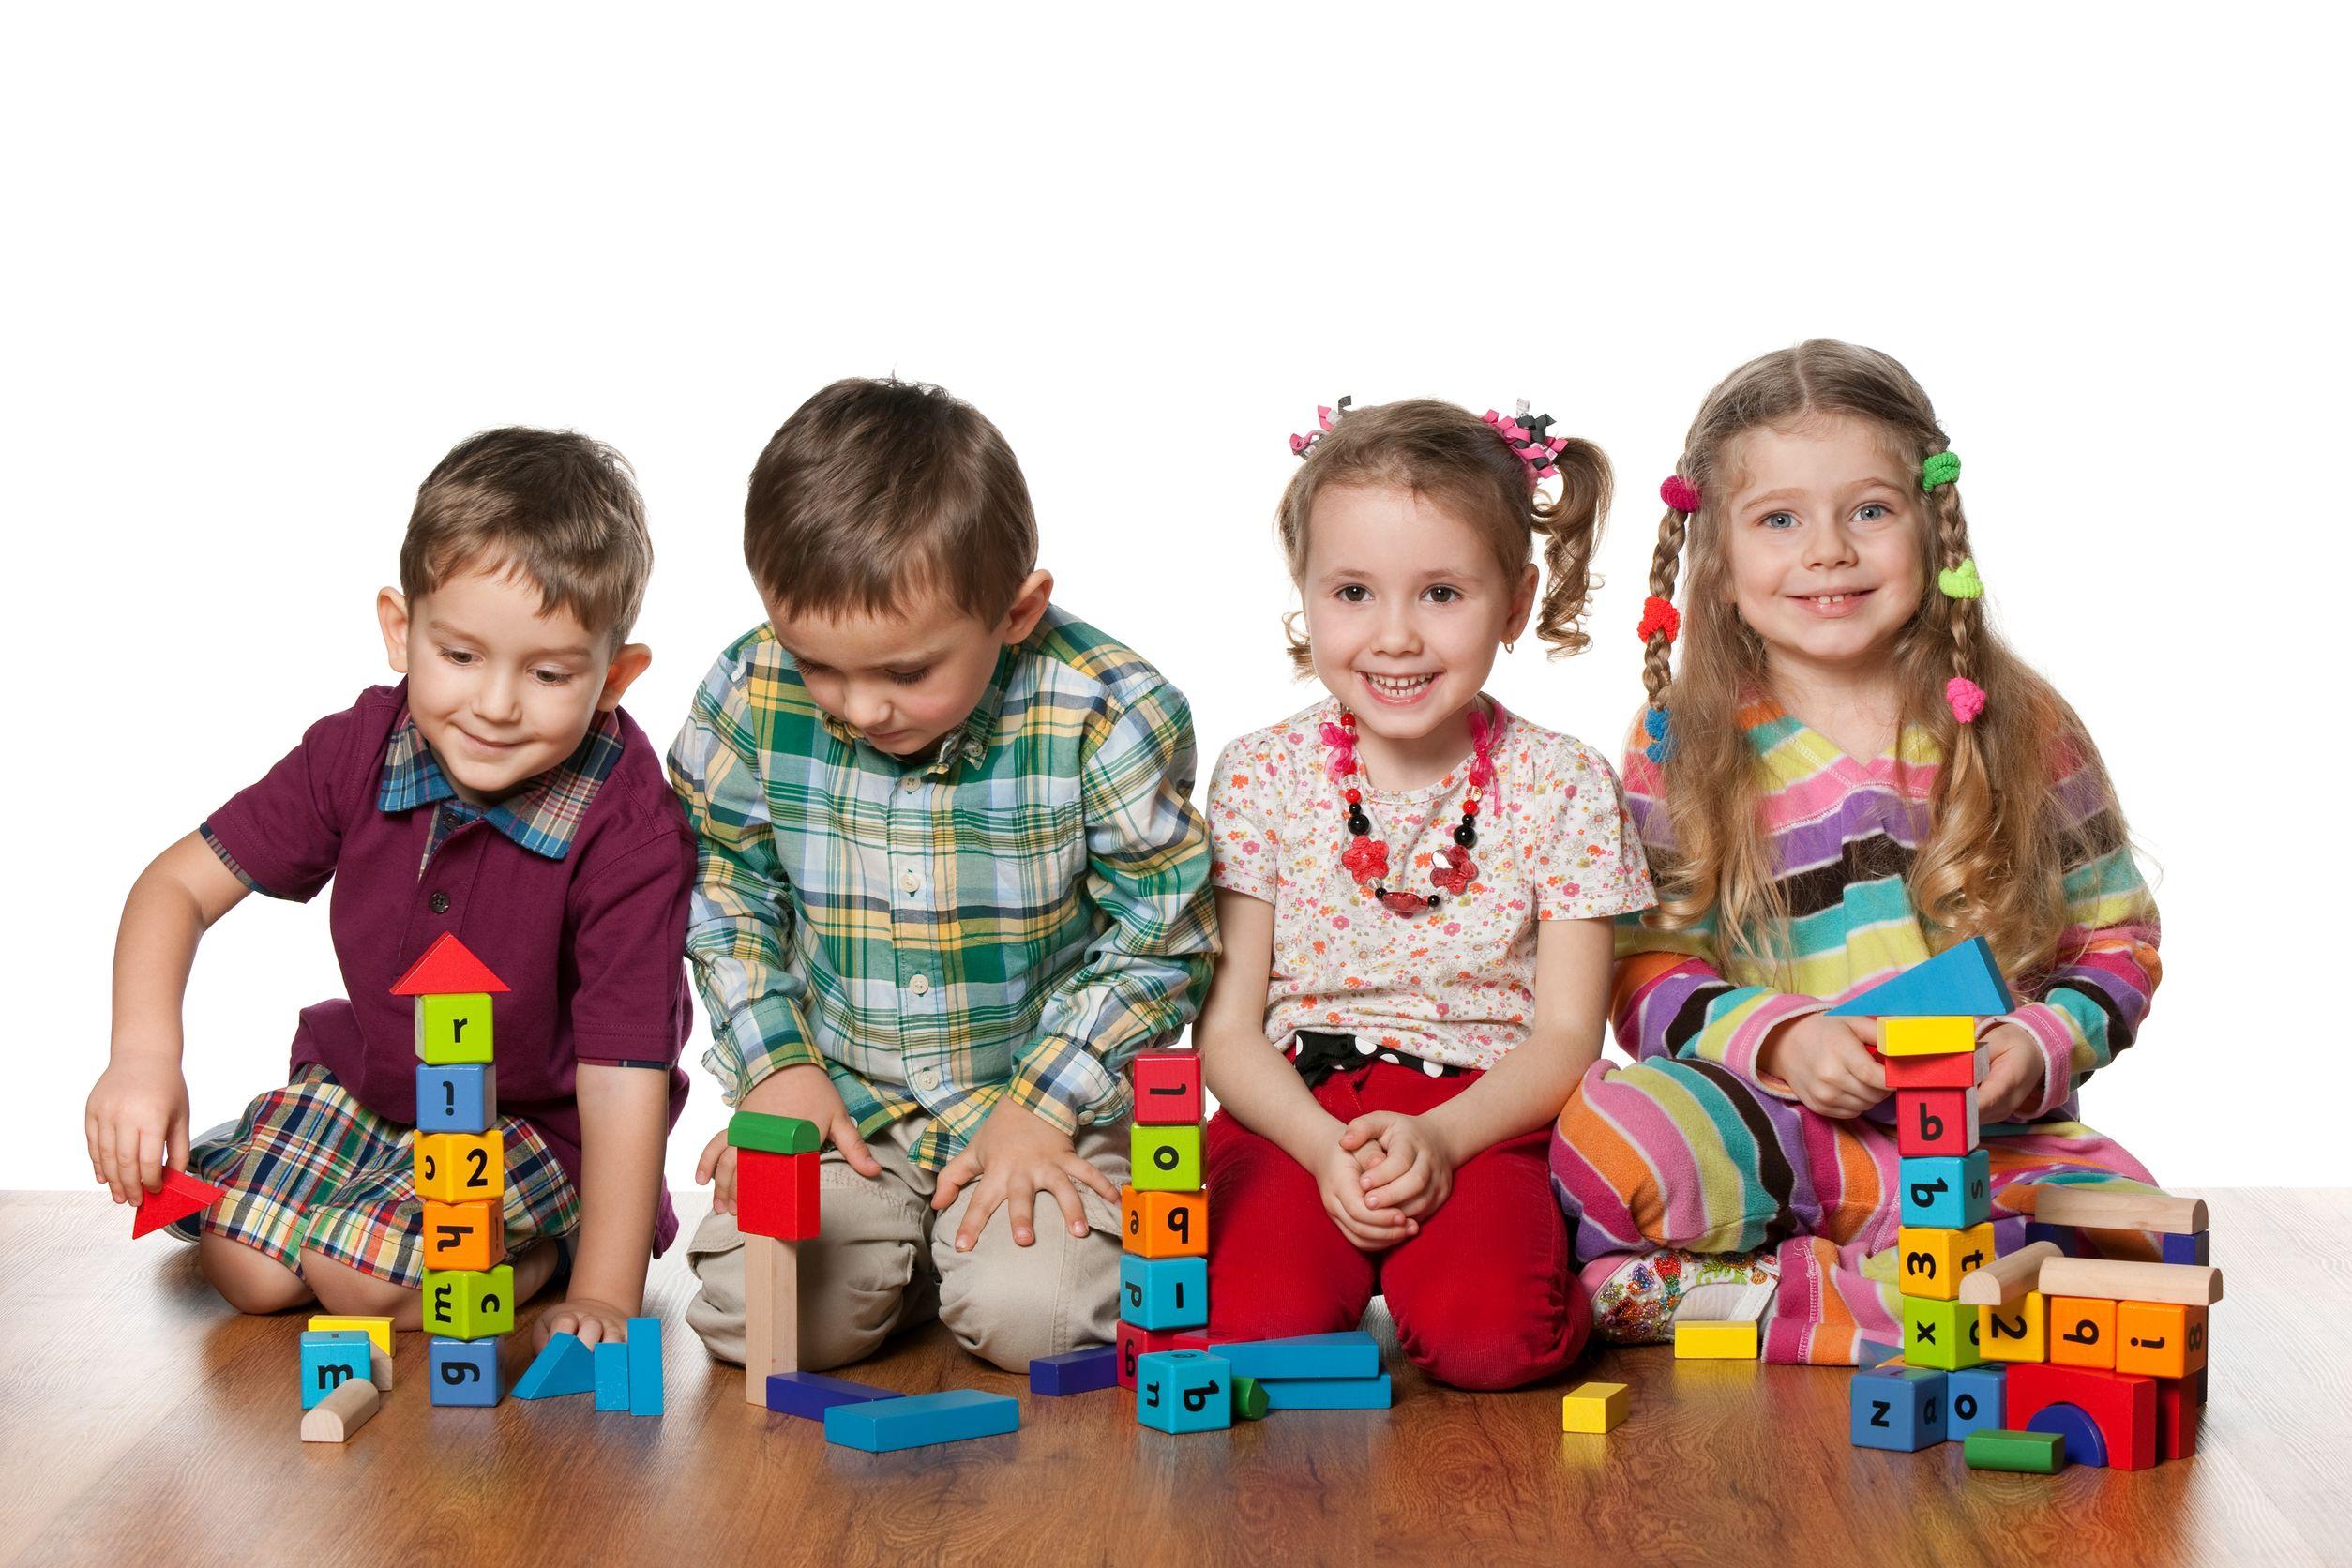 Pierwszy dzień w przedszkolu – wyzwanie dla dziecka i… rodzica. Rozmowa z wychowawcą najmłodszych – panią Magdaleną Pilch-Sromek – 5krokowdozdrowia.pl